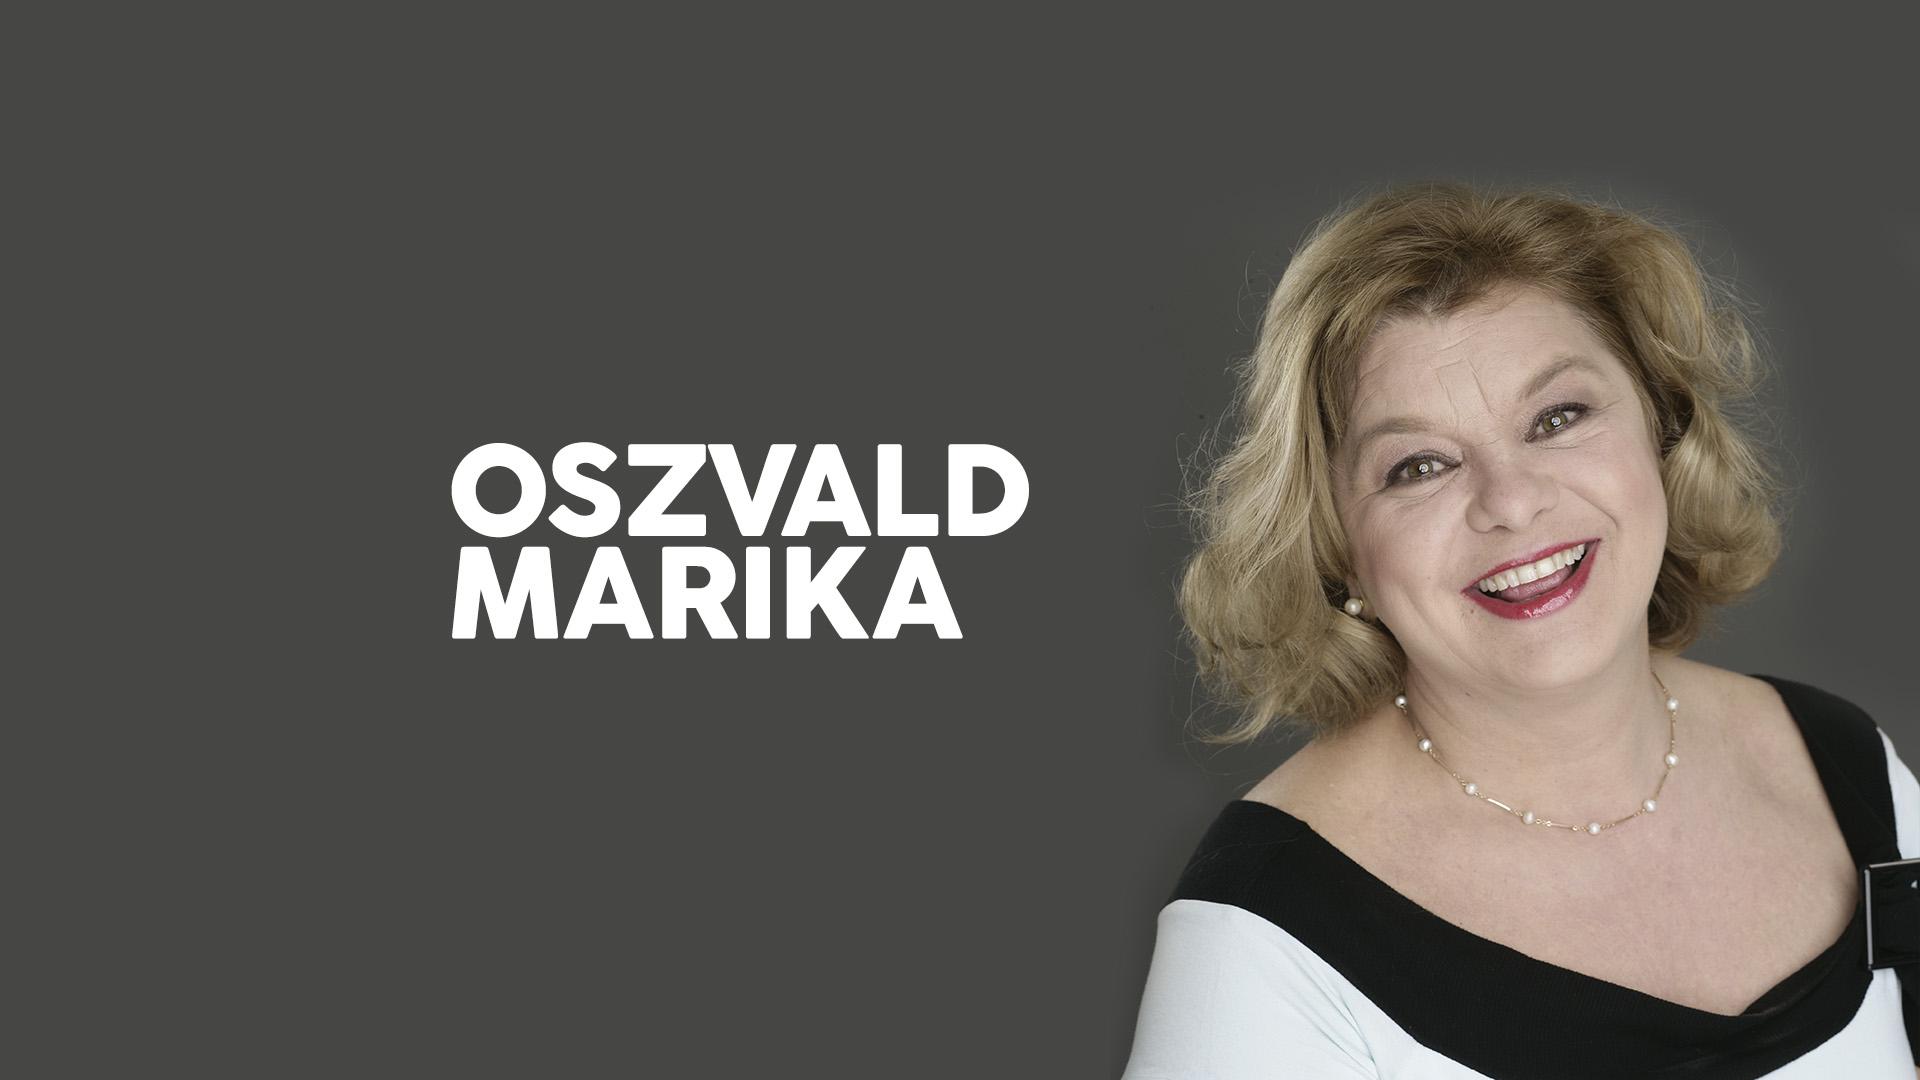 OSZVALD MARIKA